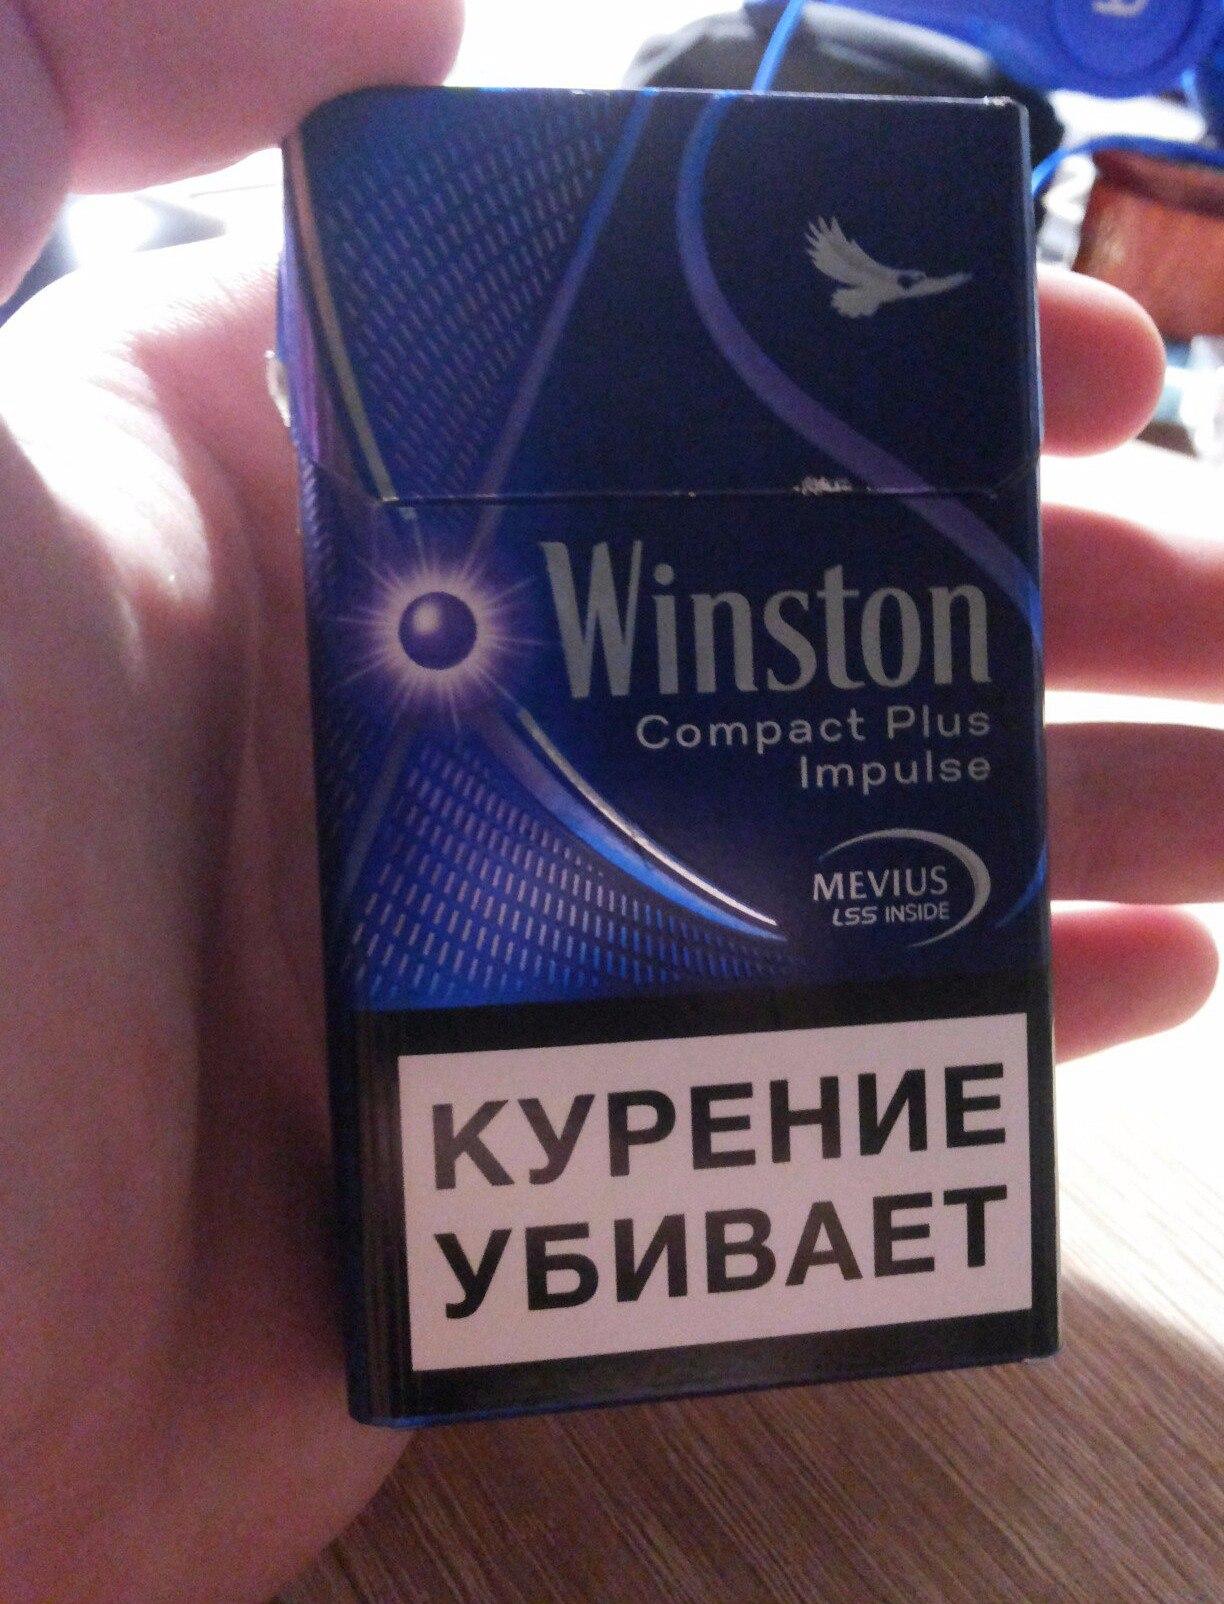 Винстон сигареты купить с кнопкой где в ярославле купить электронные сигареты